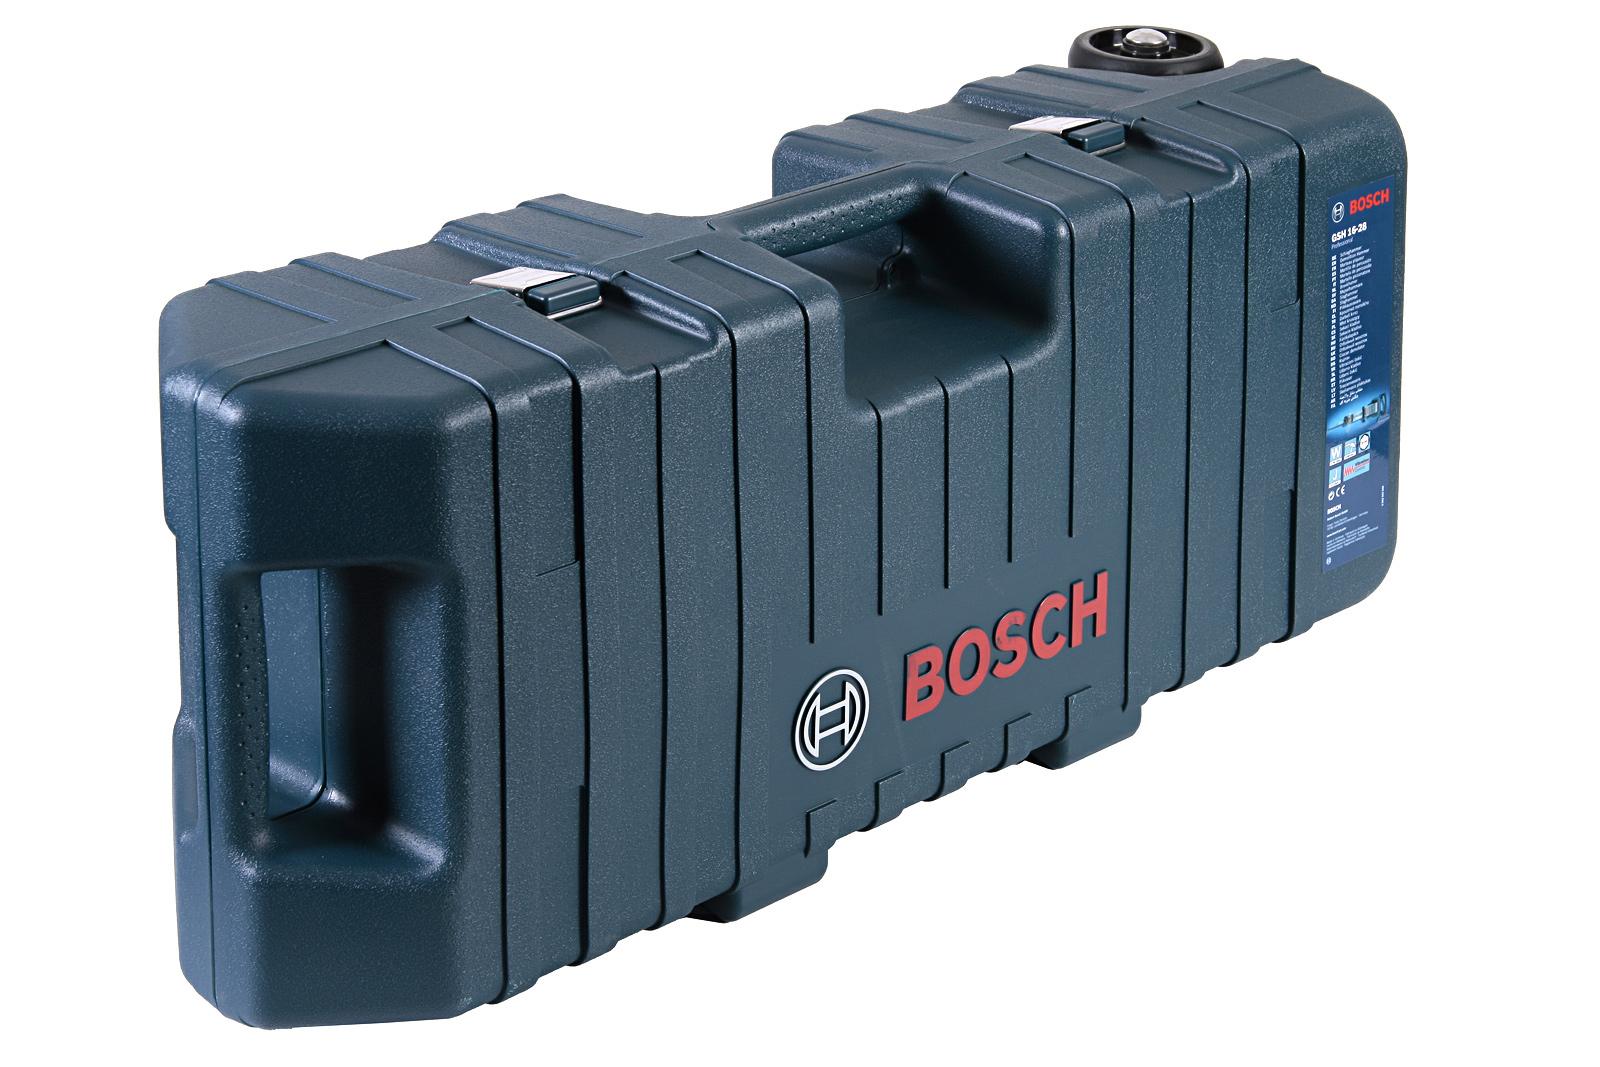 Бетонолом Bosch Gsh 16-30 (0.611.335.100)